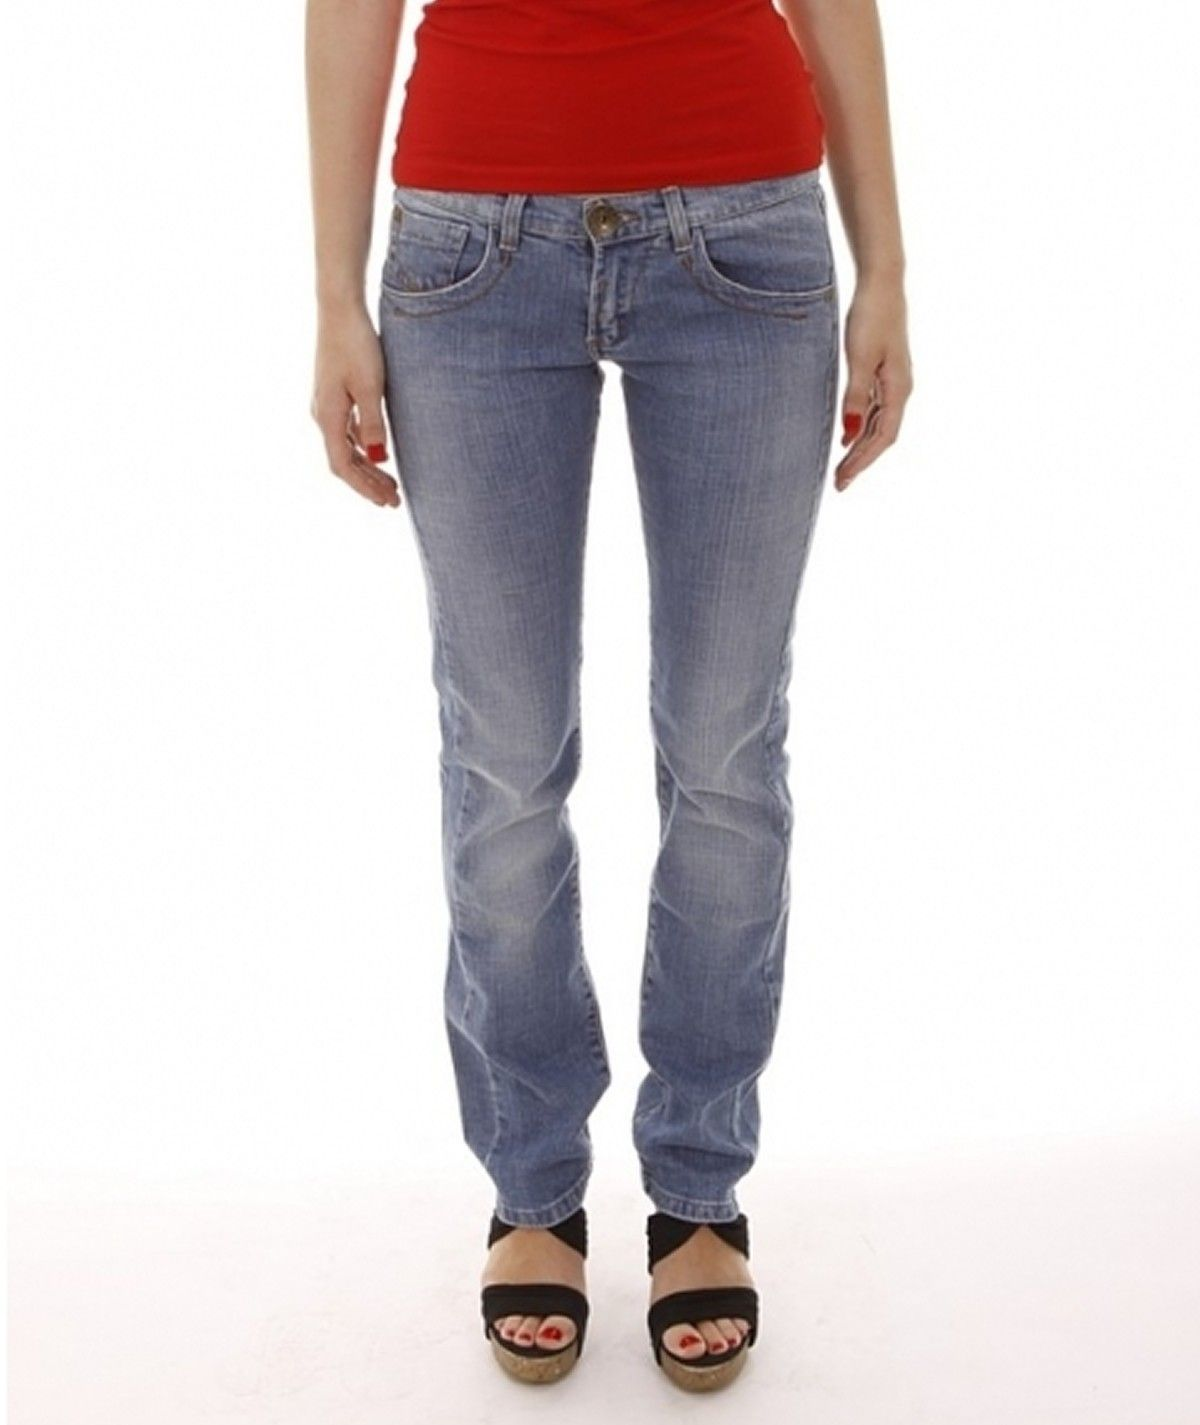 Jeans com bordado